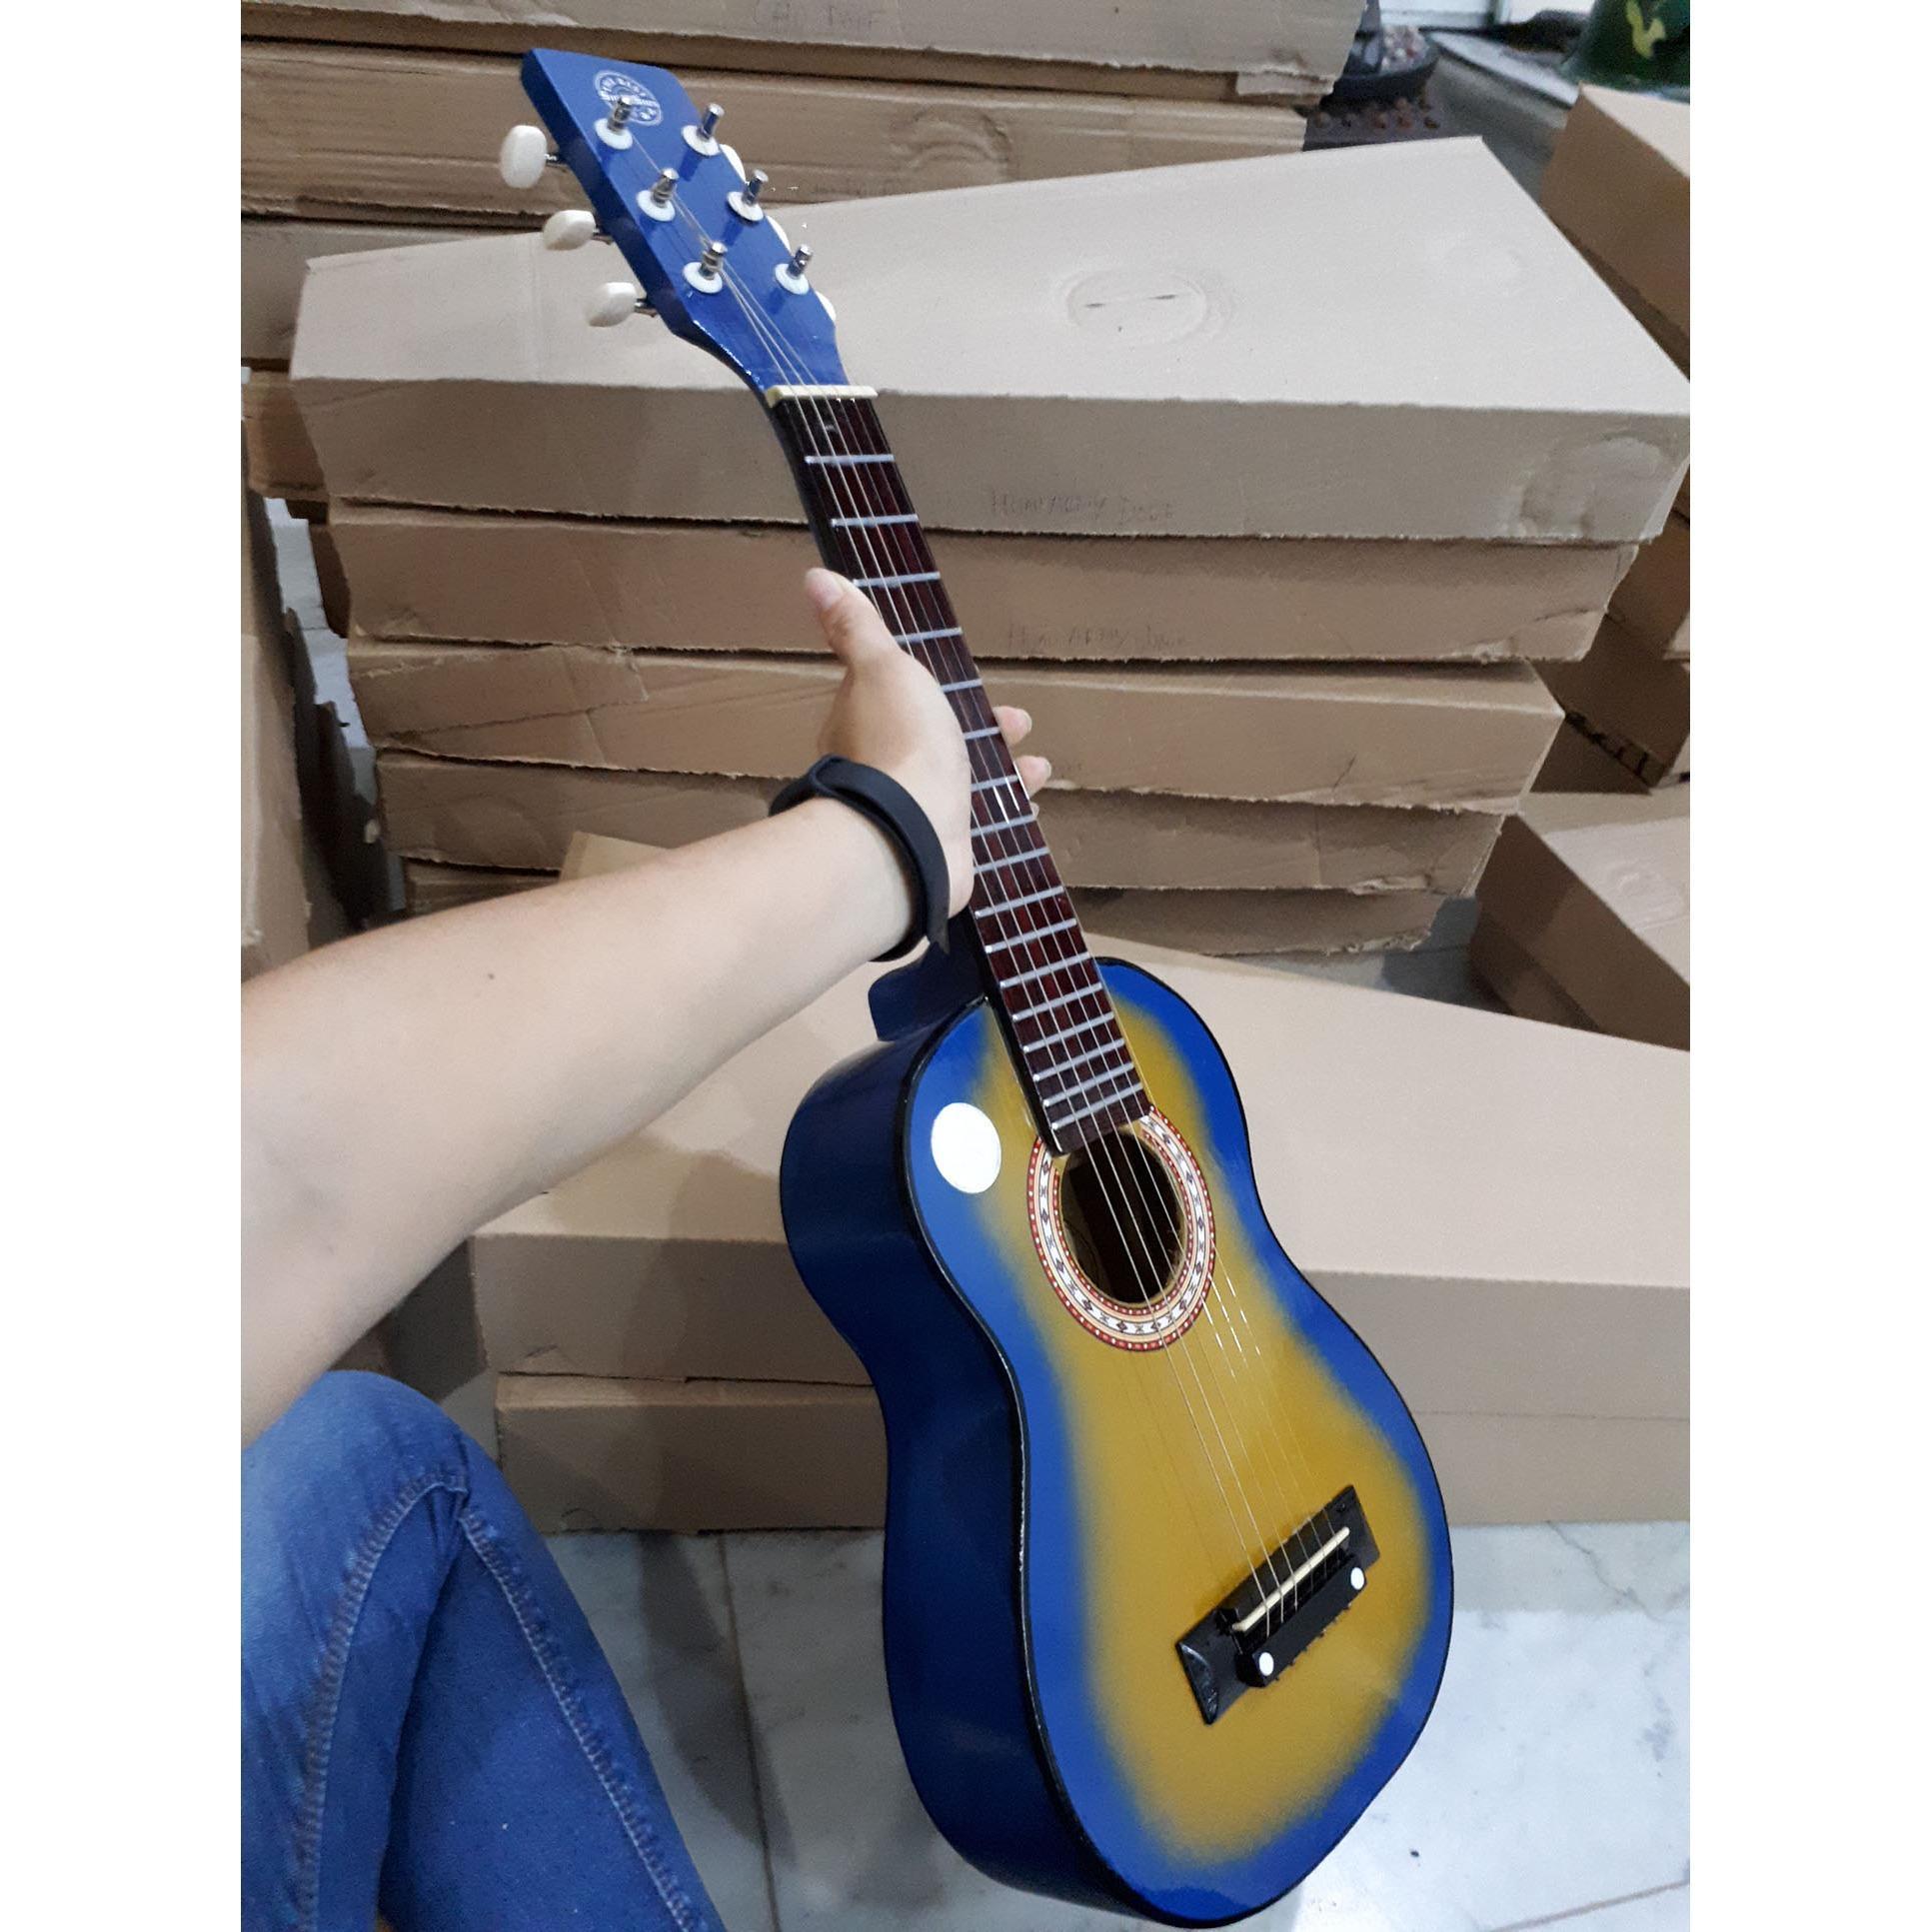 Gitar Populer Harga Murah Berkualitas | Lazada -. Source · 360DSC Kait Gantungan Gitar Gantungan